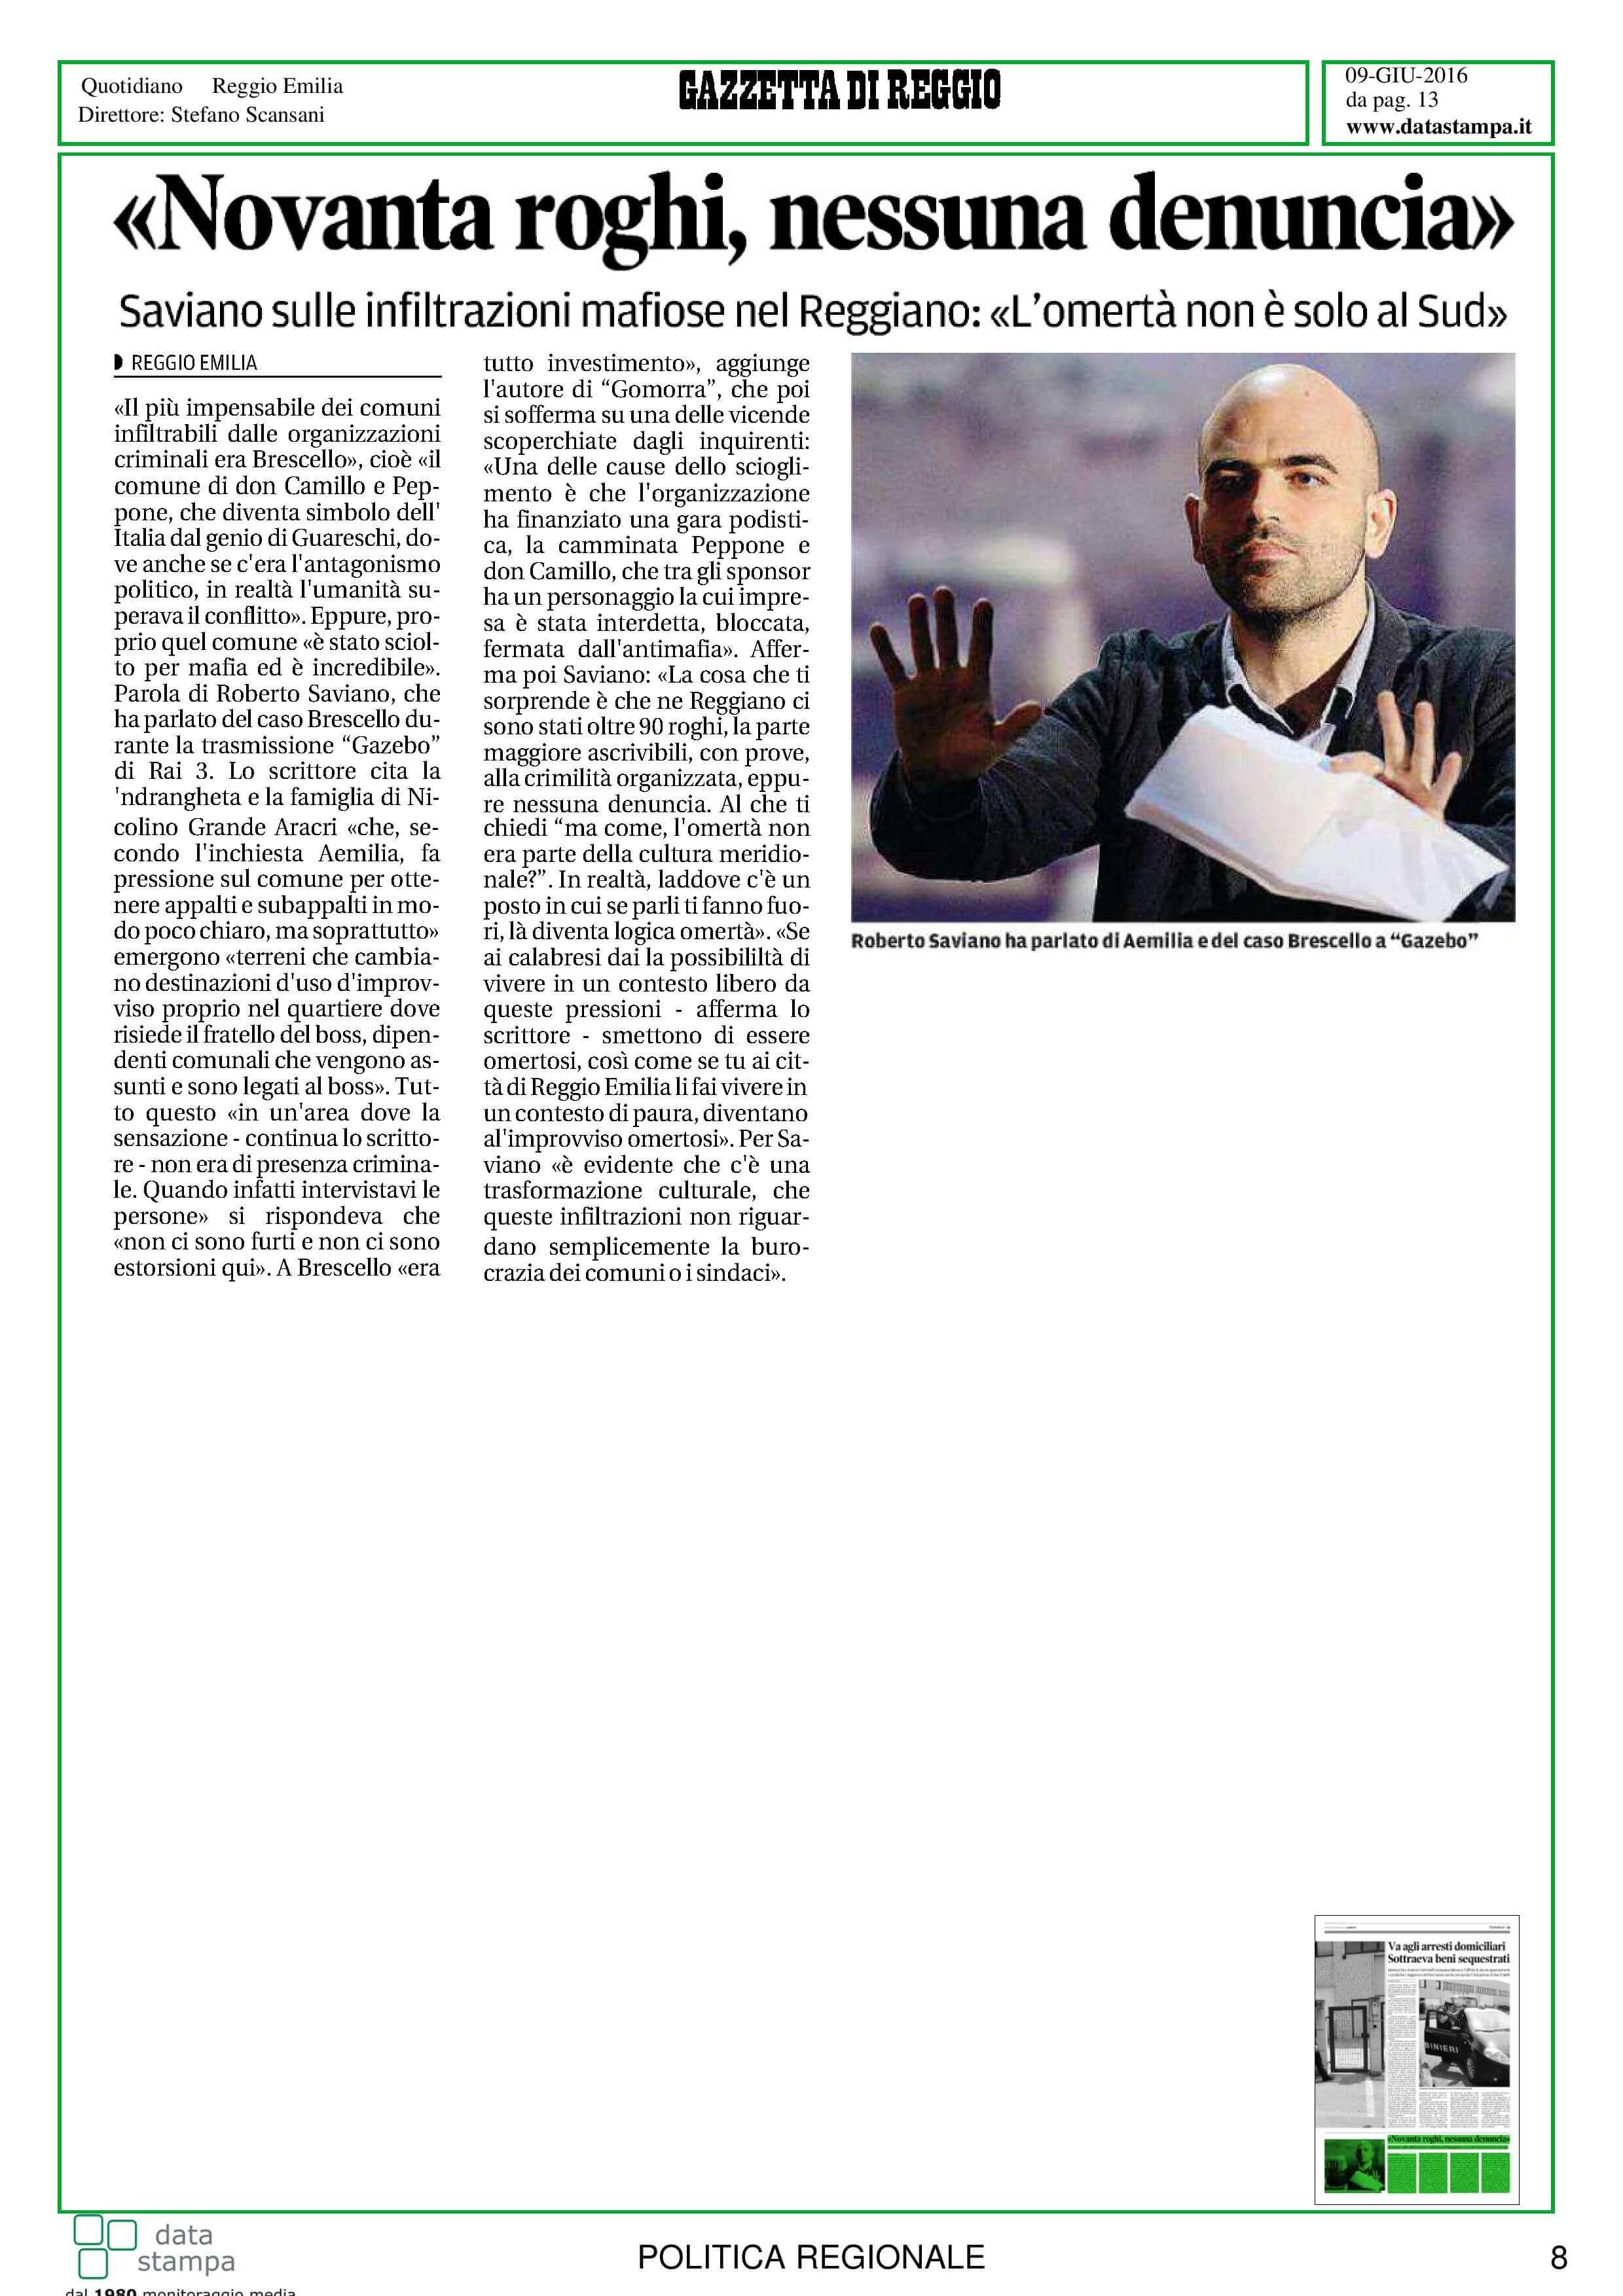 mafia-legalita-in-er-9-10-giugno-page-009